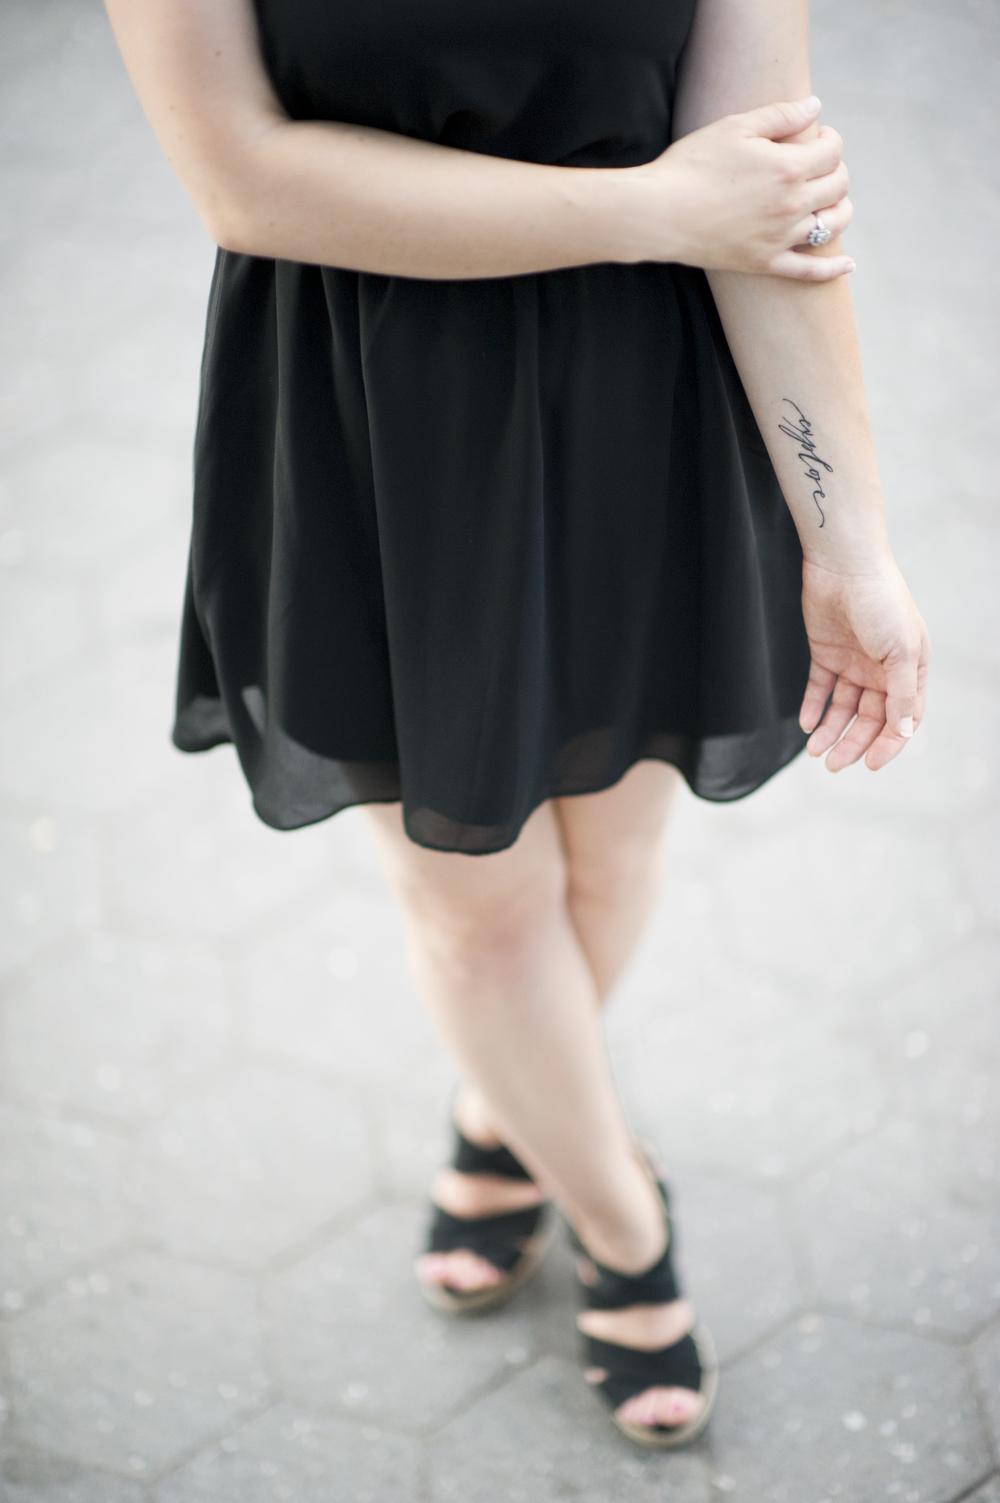 mikkelpaige-explore-tattoo-05.jpg